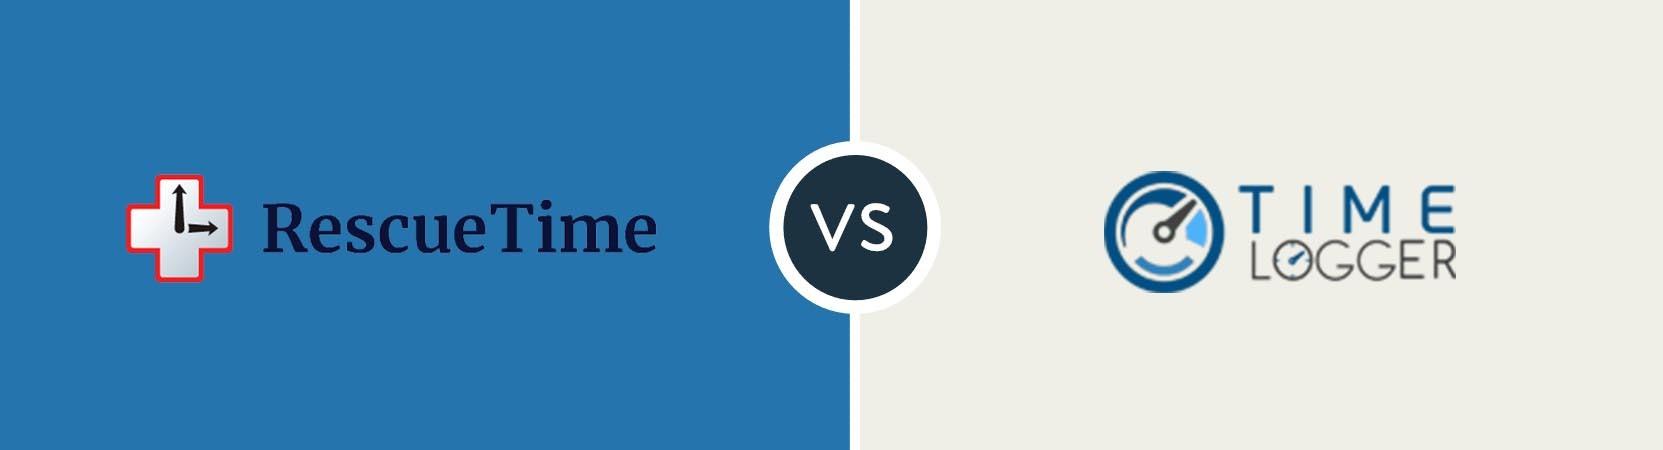 timelogger vs rescuetime